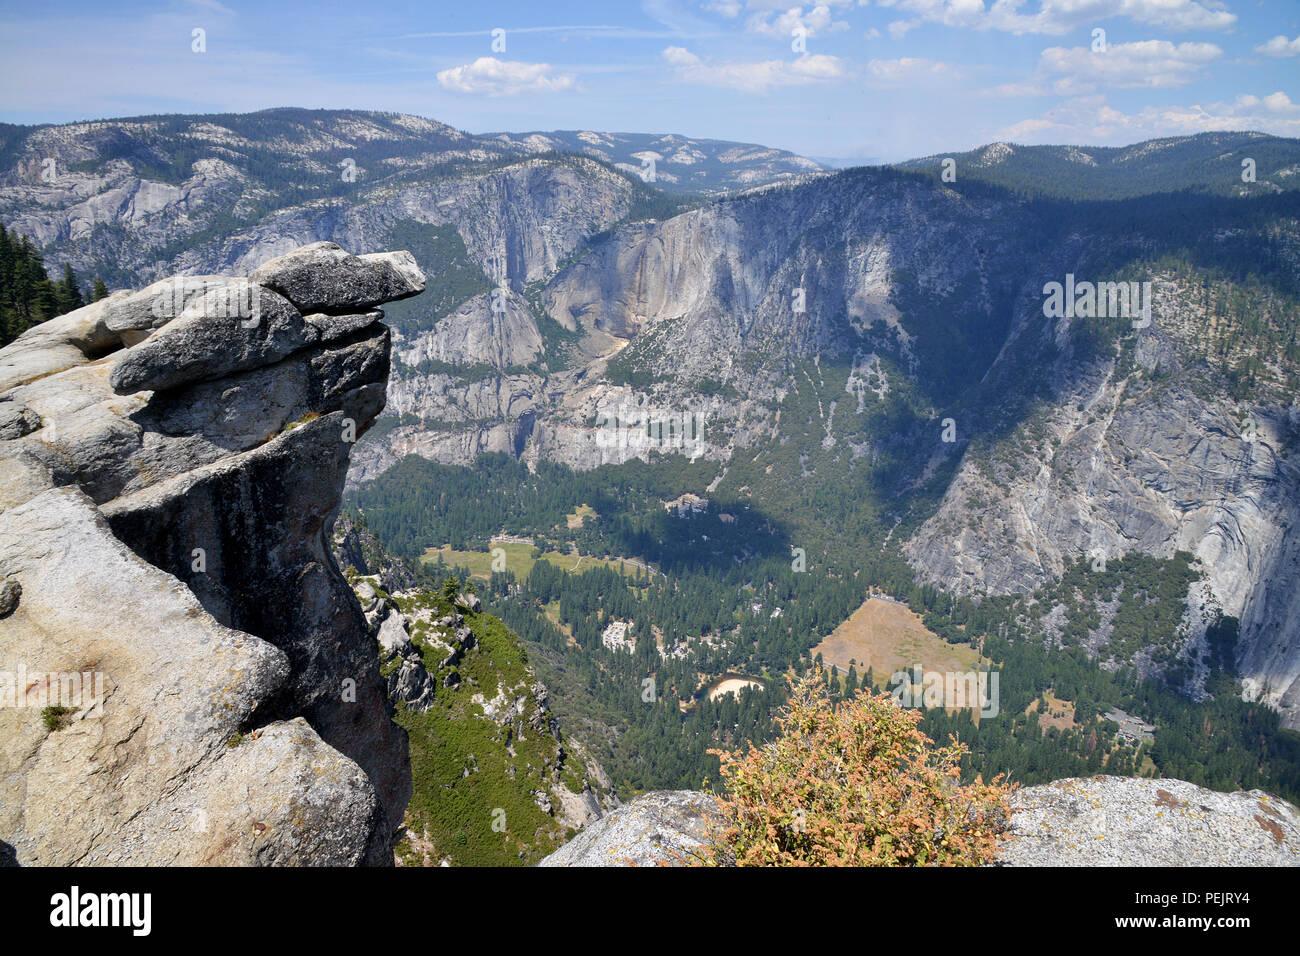 Il parco nazionale di Yosemite Valley punto di visualizzazione, Yosemite National Park, California, Stati Uniti d'America Immagini Stock